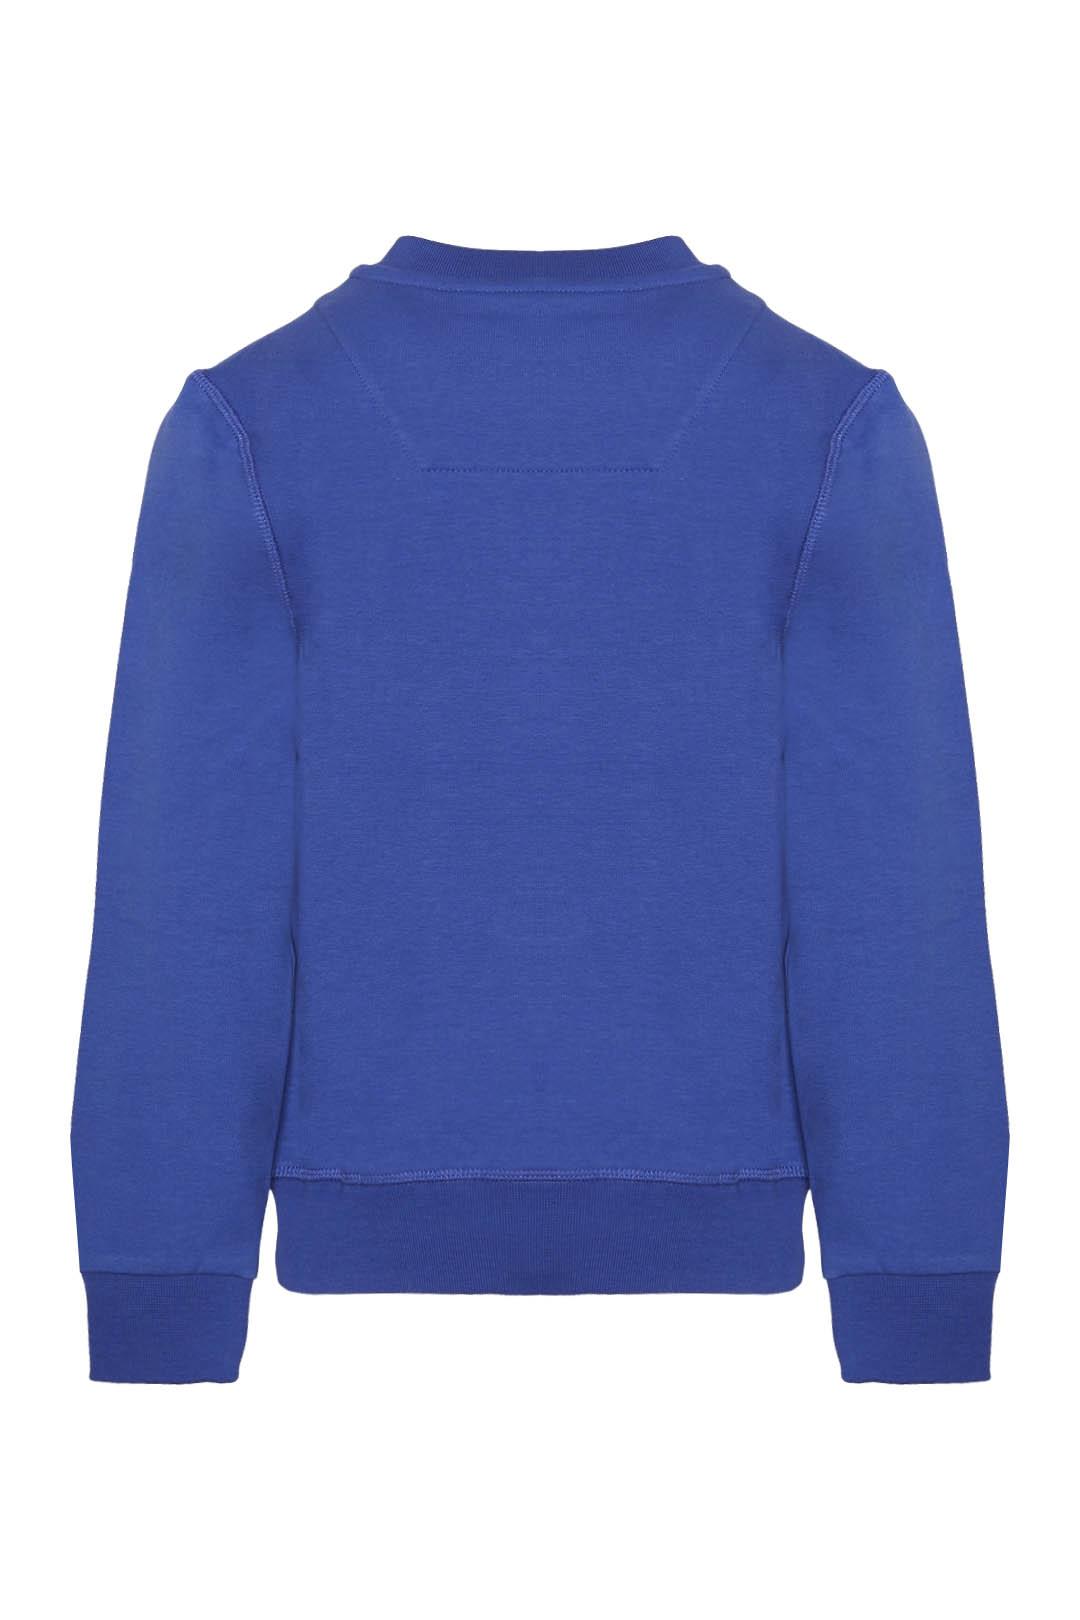 Sweatshirt avec imprimé flock du logo    2